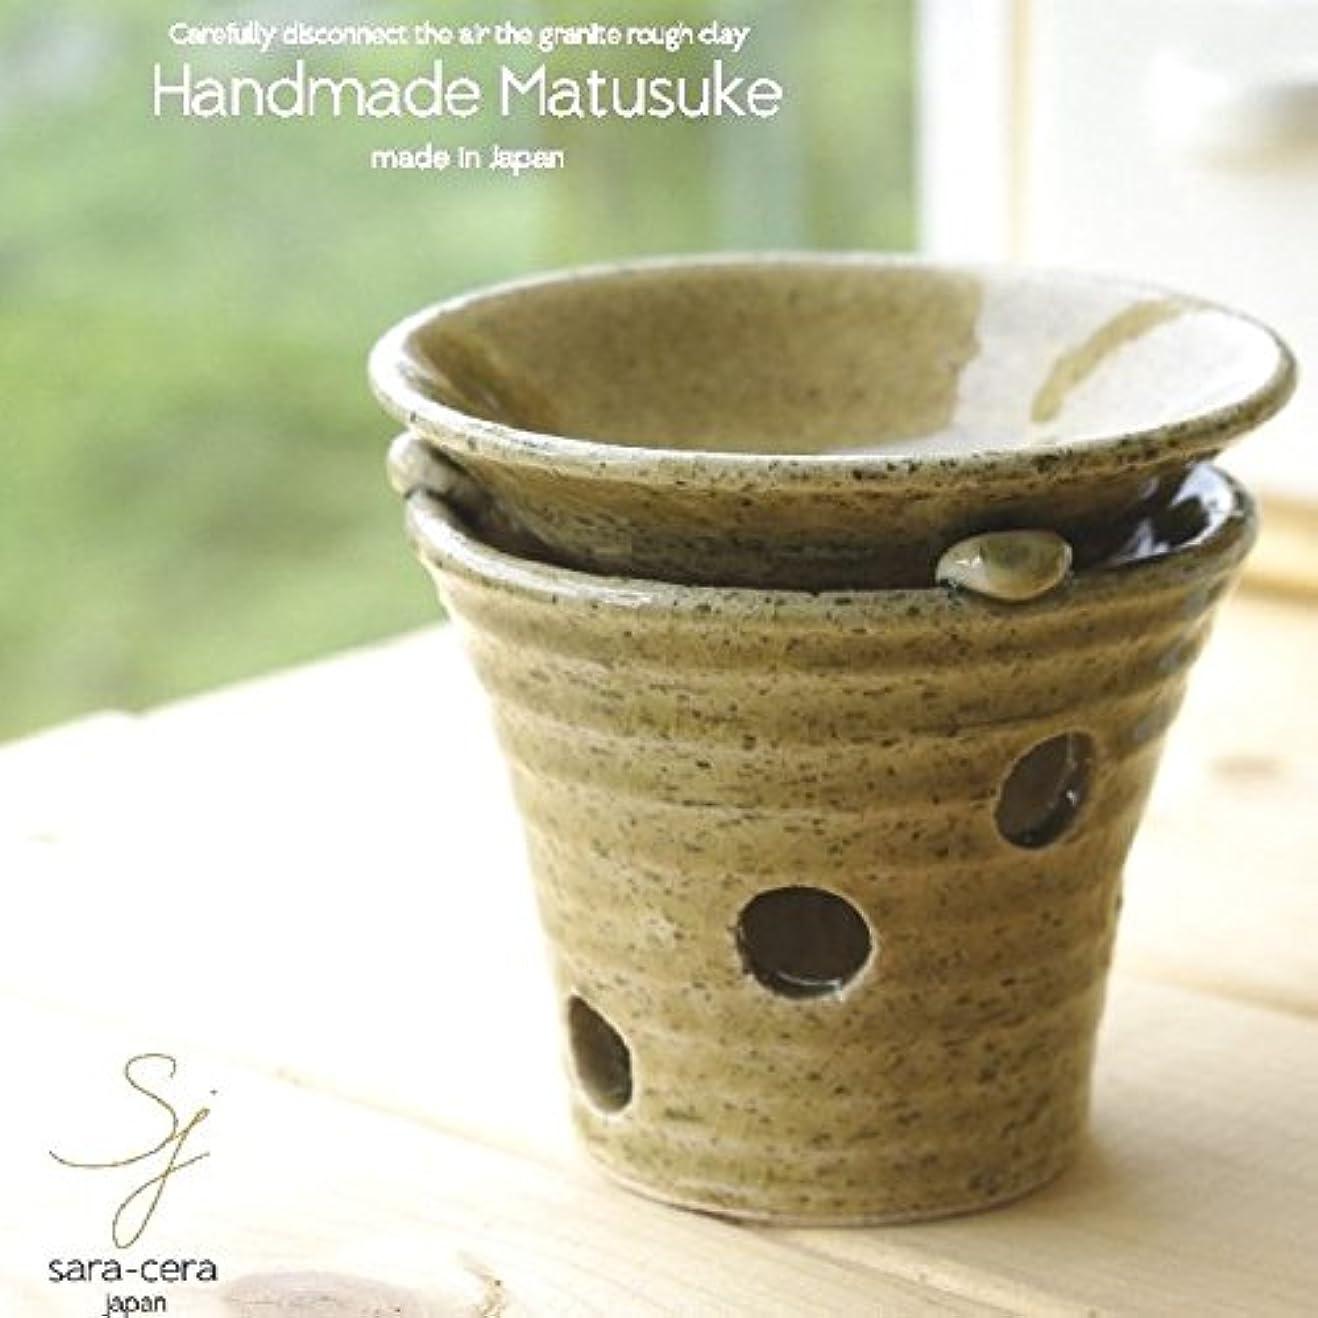 所得副カイウス松助窯 手作り茶香炉セット 灰釉ビードロ アロマ 和風 陶器 手づくり 日本製 美濃焼